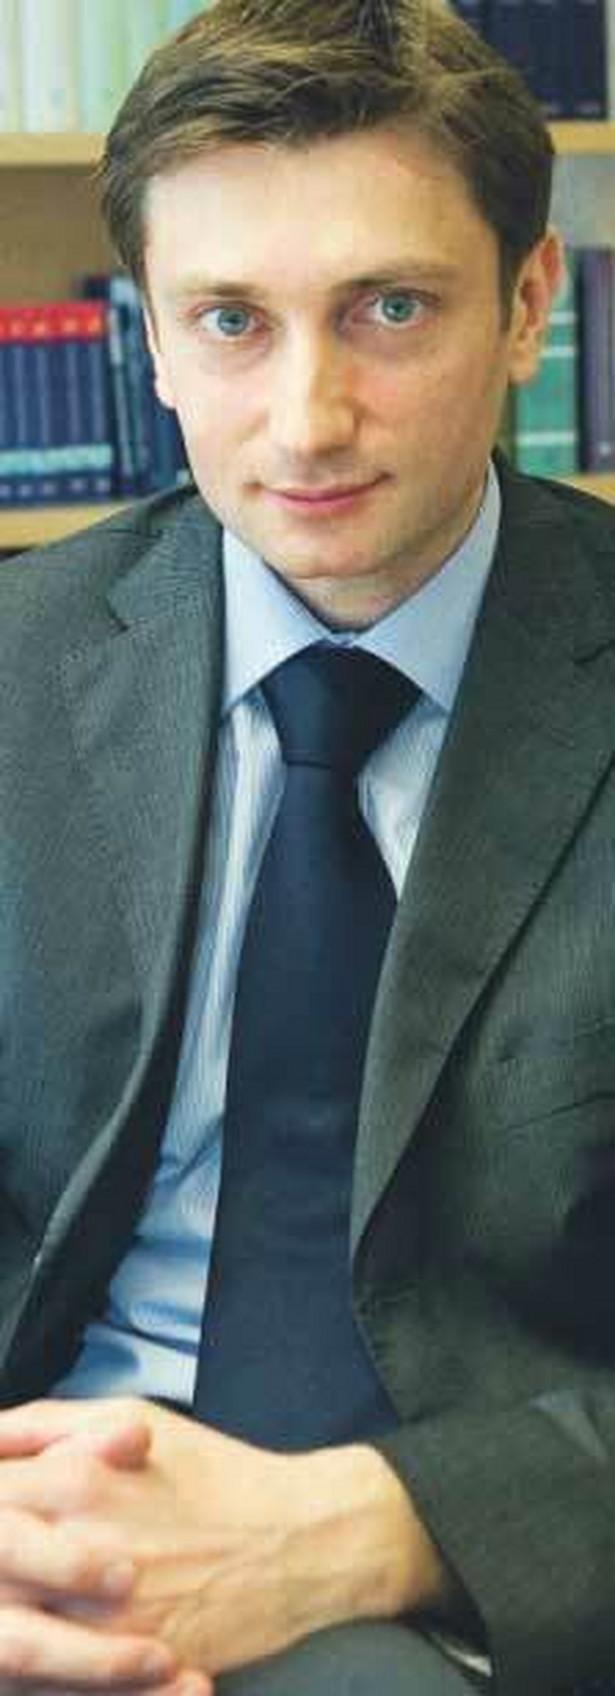 Łukasz Pisarczyk, adiunkt z Wydziału Prawa UW, laureat nagrody Złote Skrzydła GP Fot. Wojciech Górski